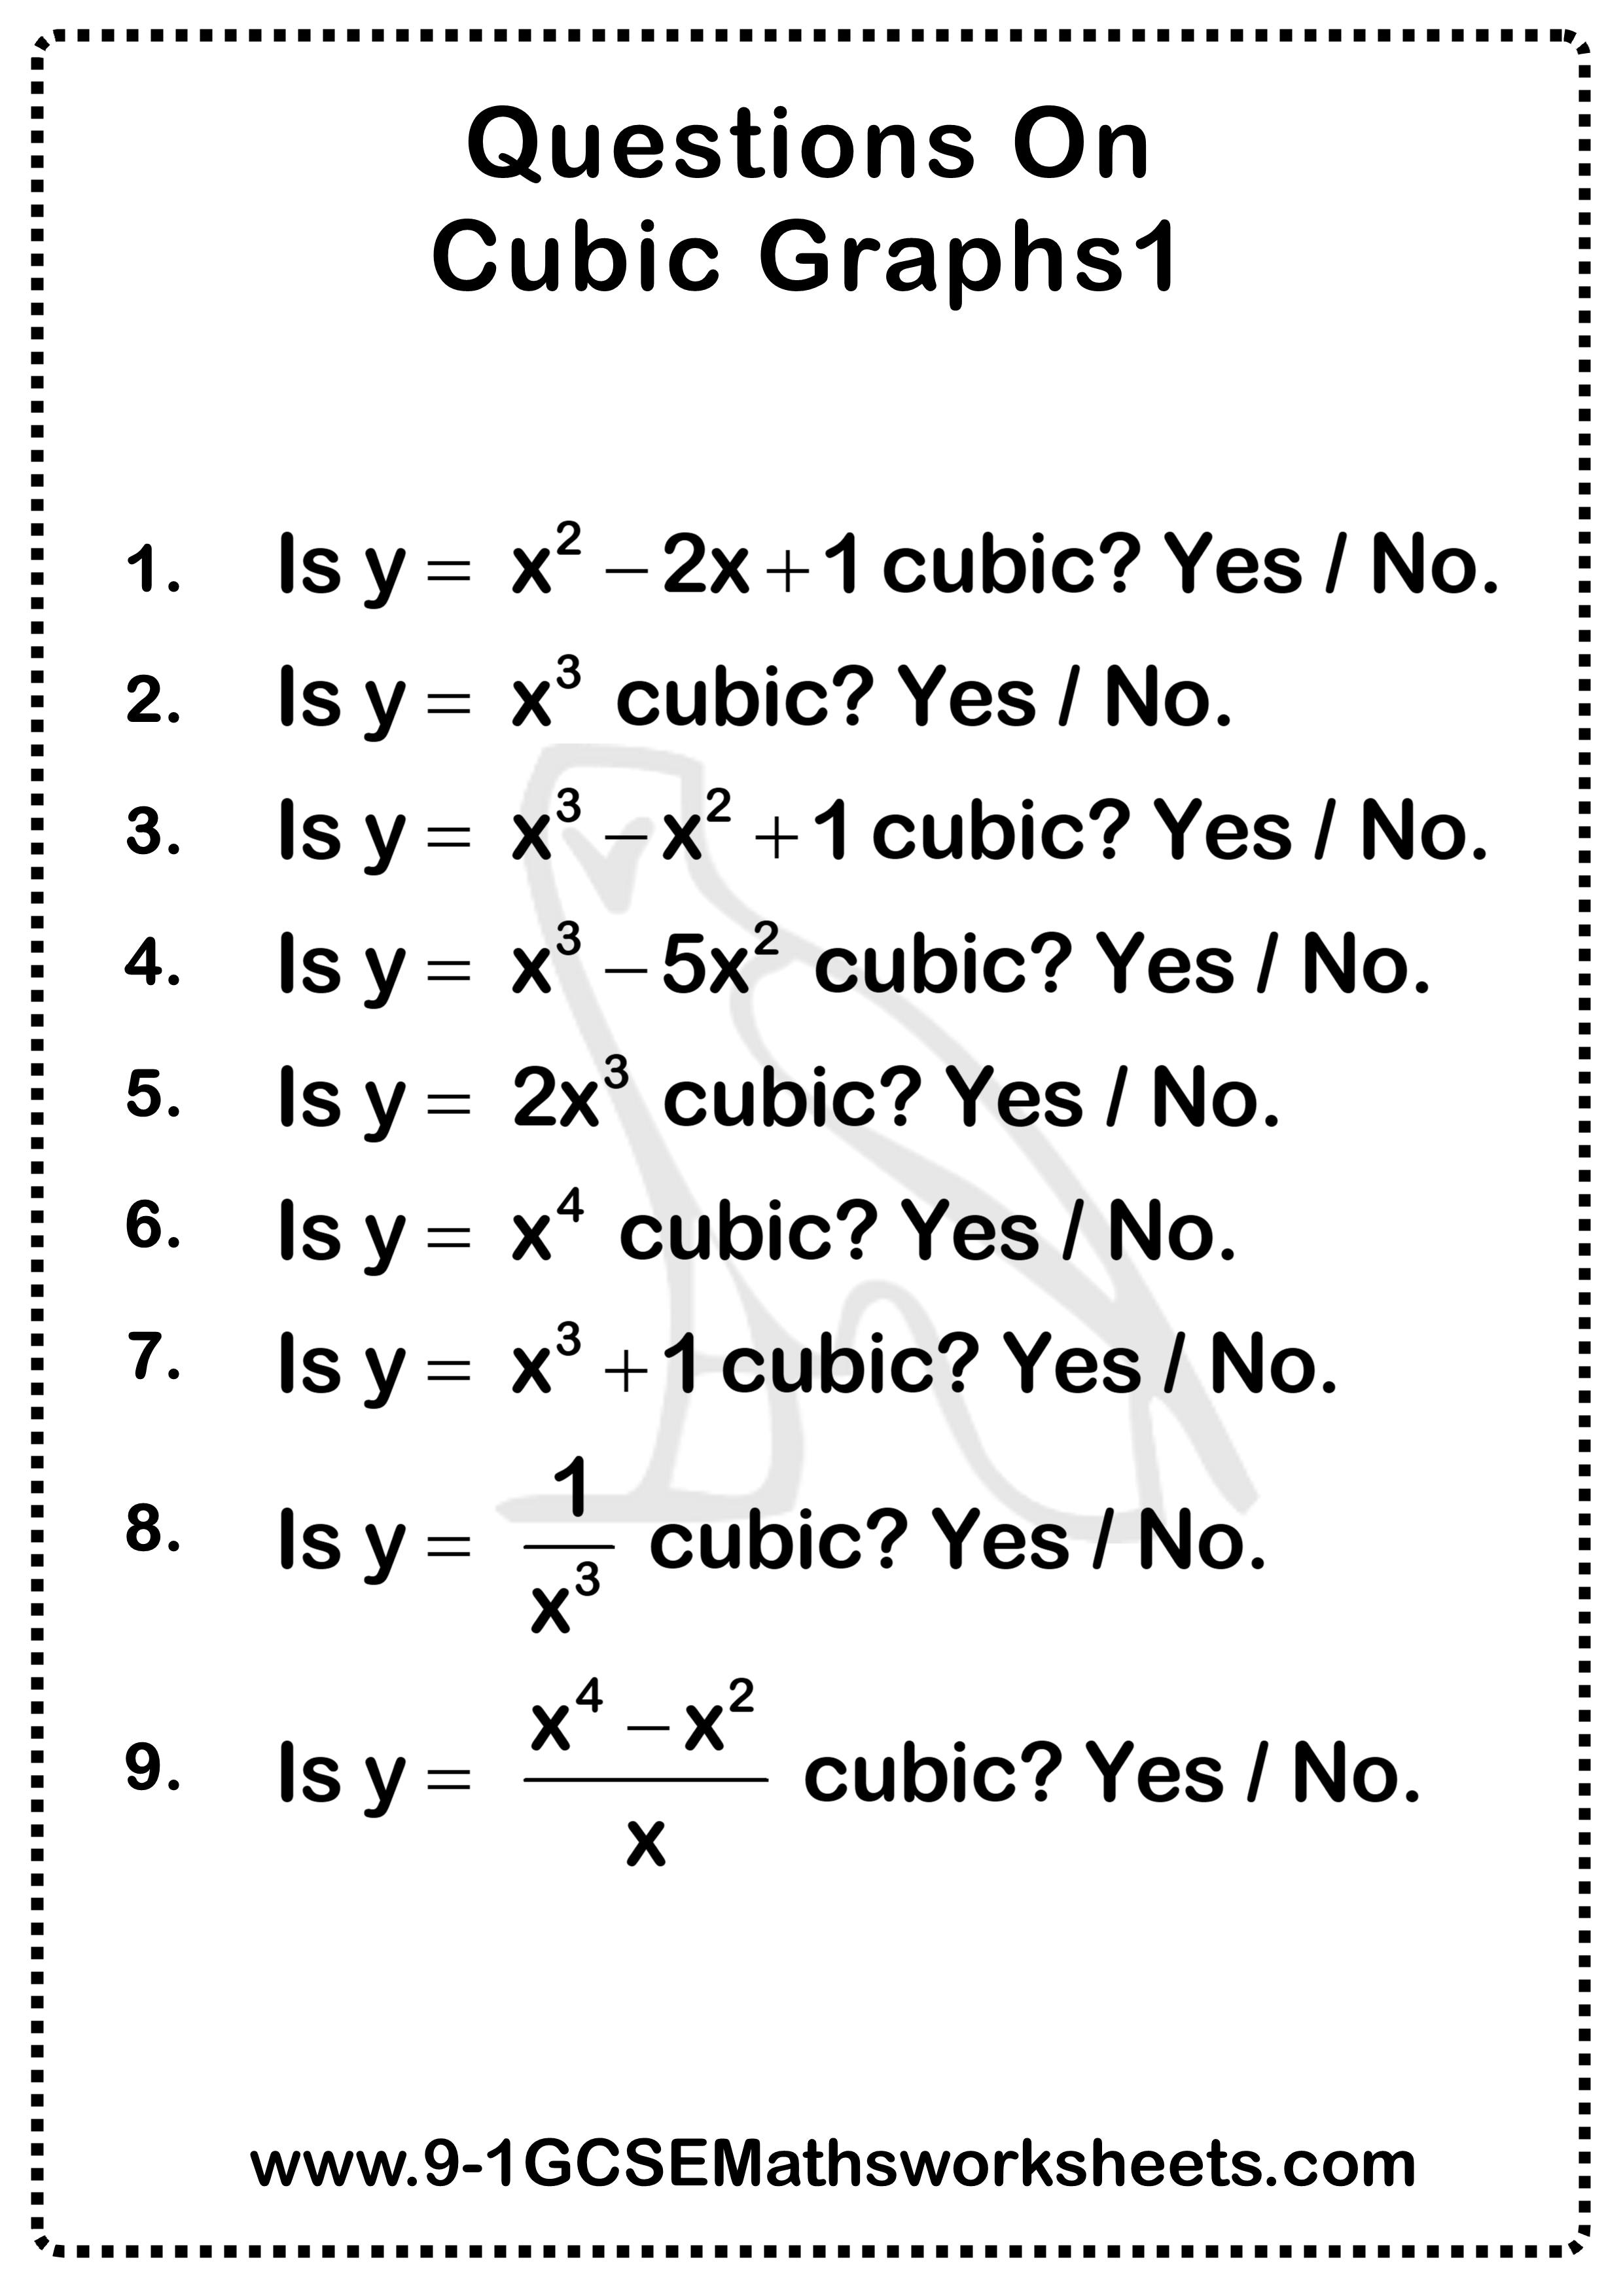 Cubic Graphs Questions 1